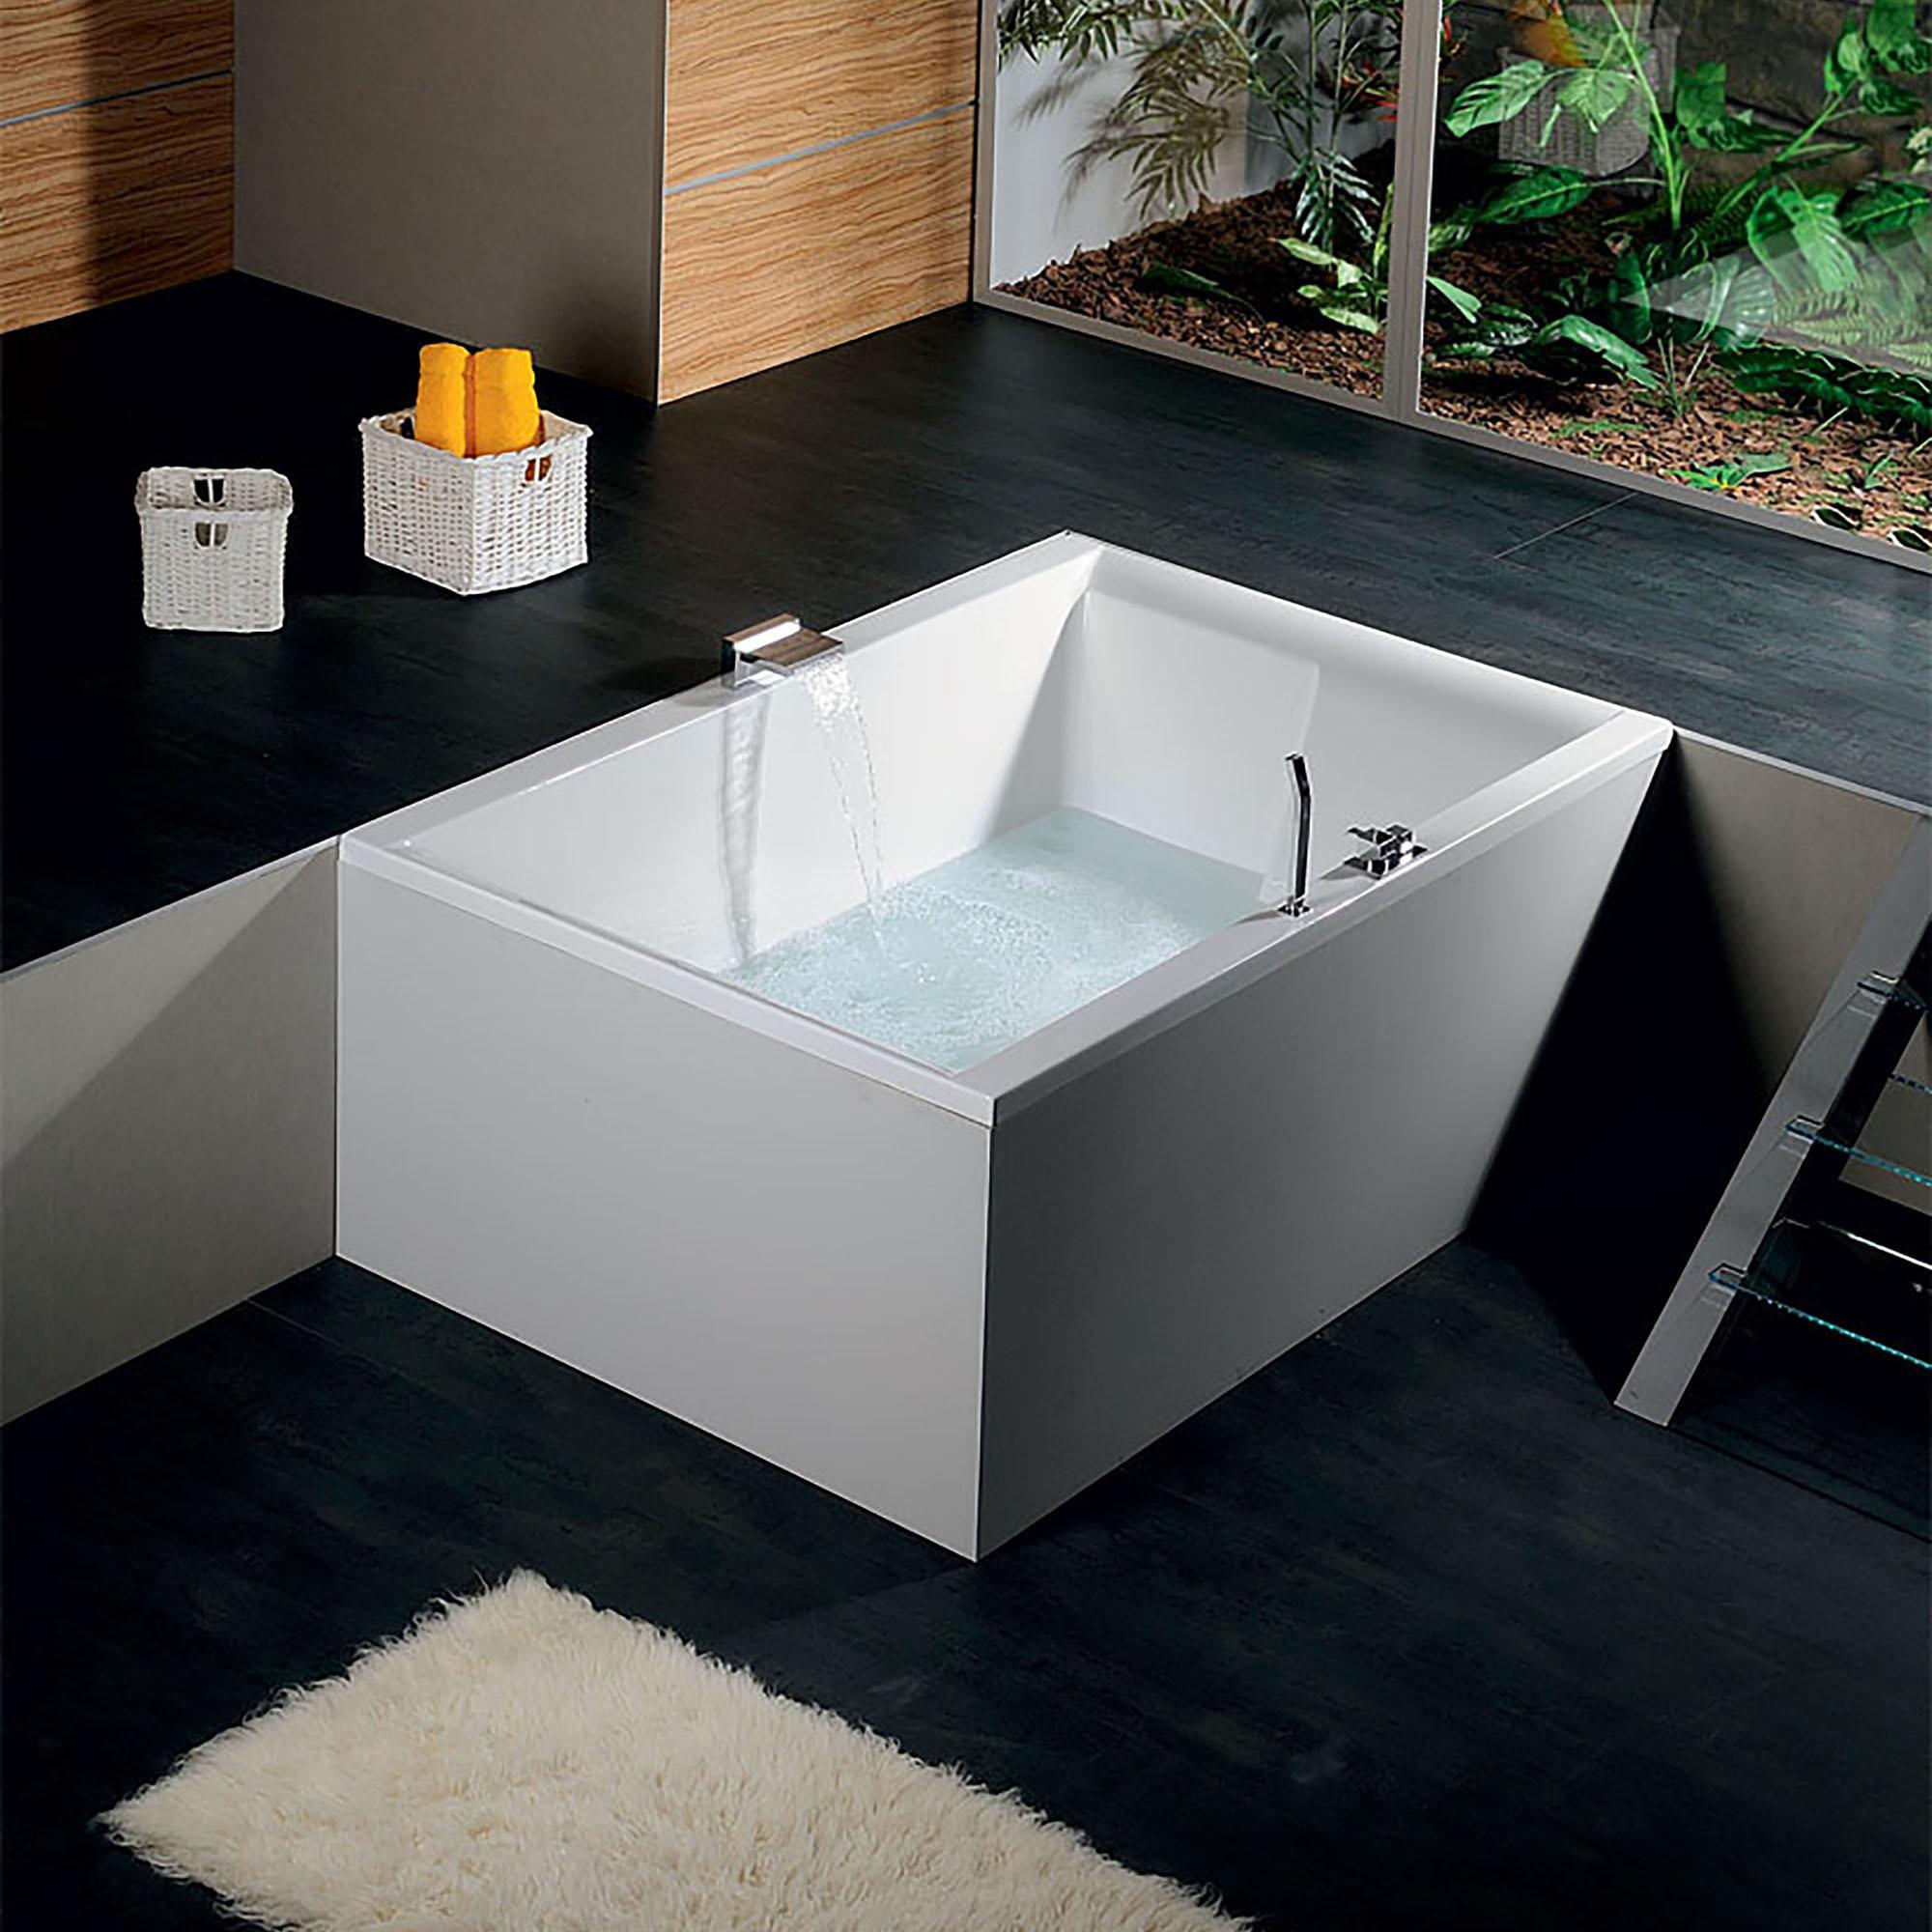 Акриловая ванна Alpen Dupla 180x120 акриловая ванна alpen triangl 180x120 r правая комплект